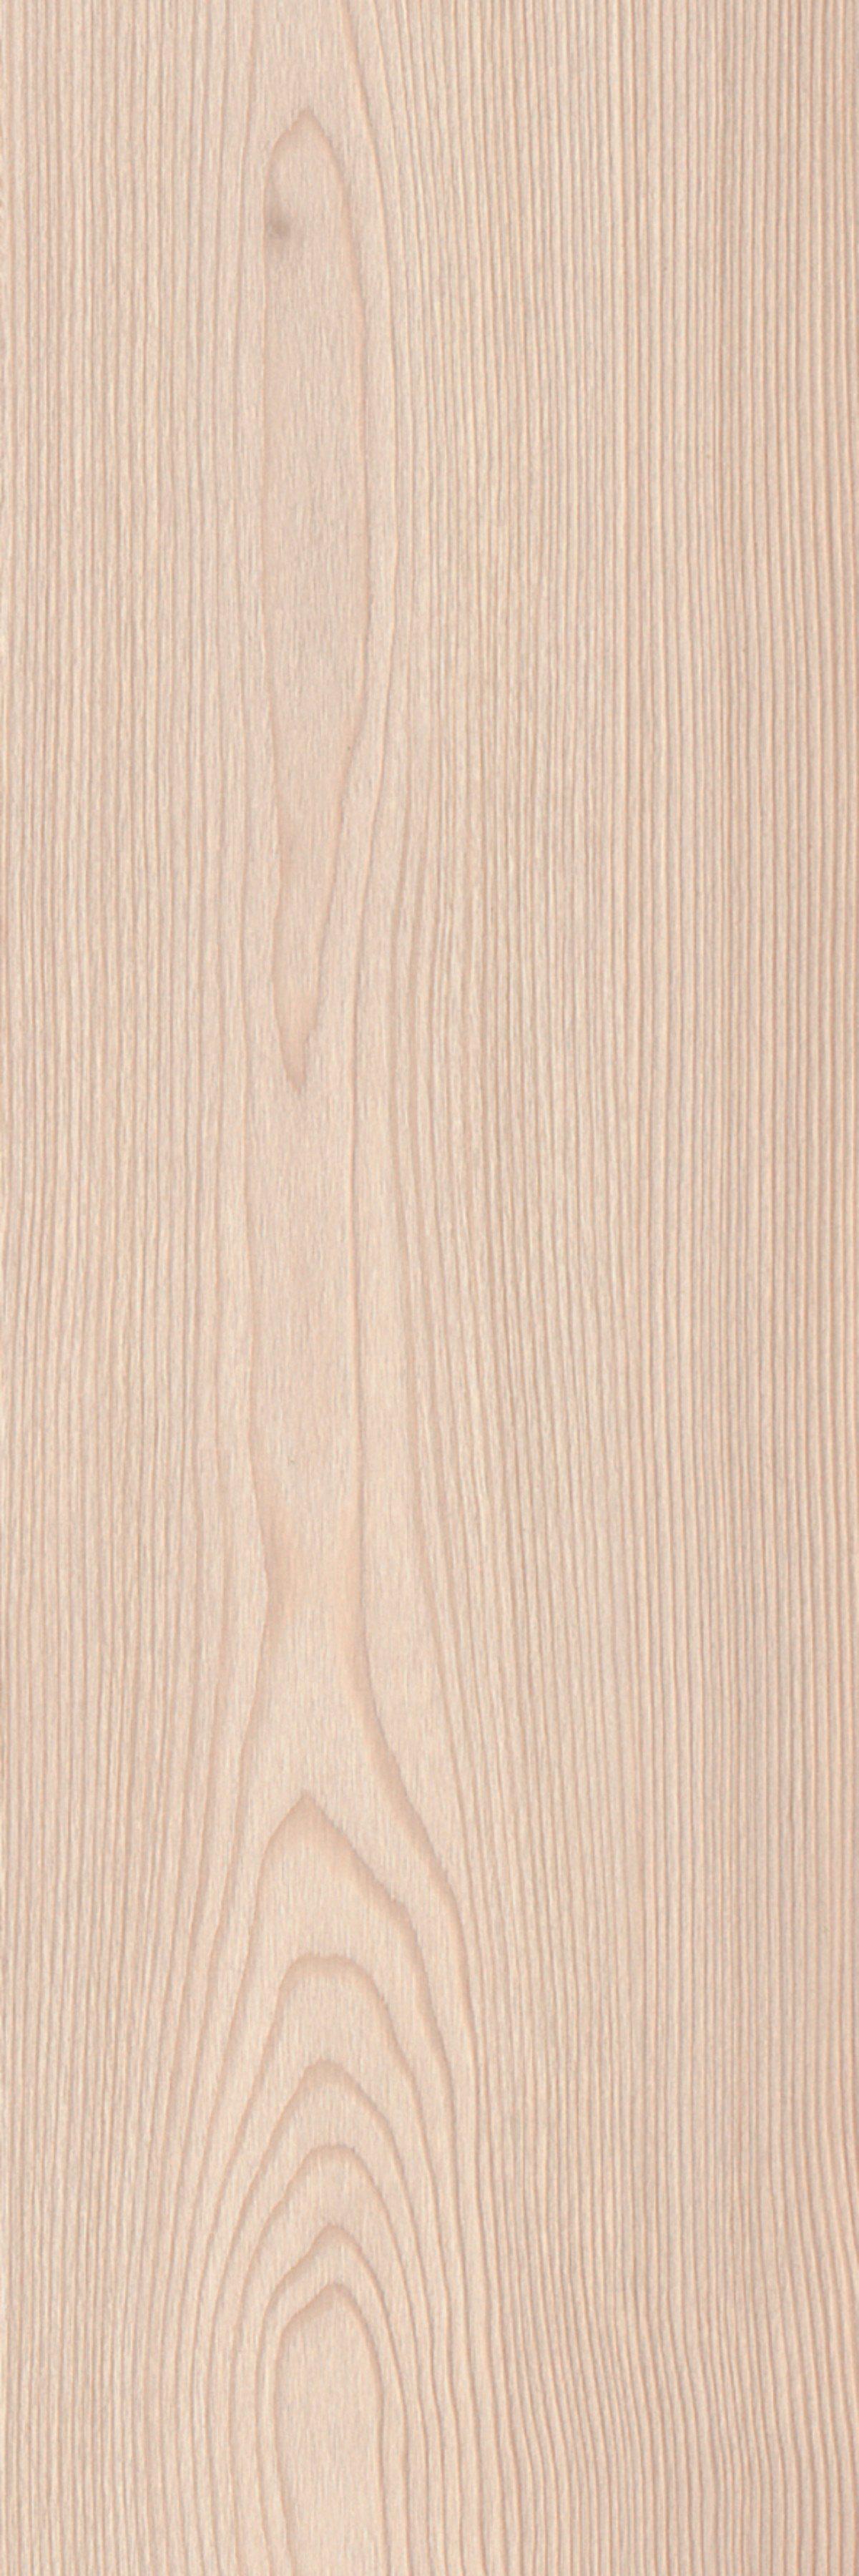 MODERNA Laminat »Impression - Tromso Lärche«, 1292 x 192 mm, Stärke 7 mm